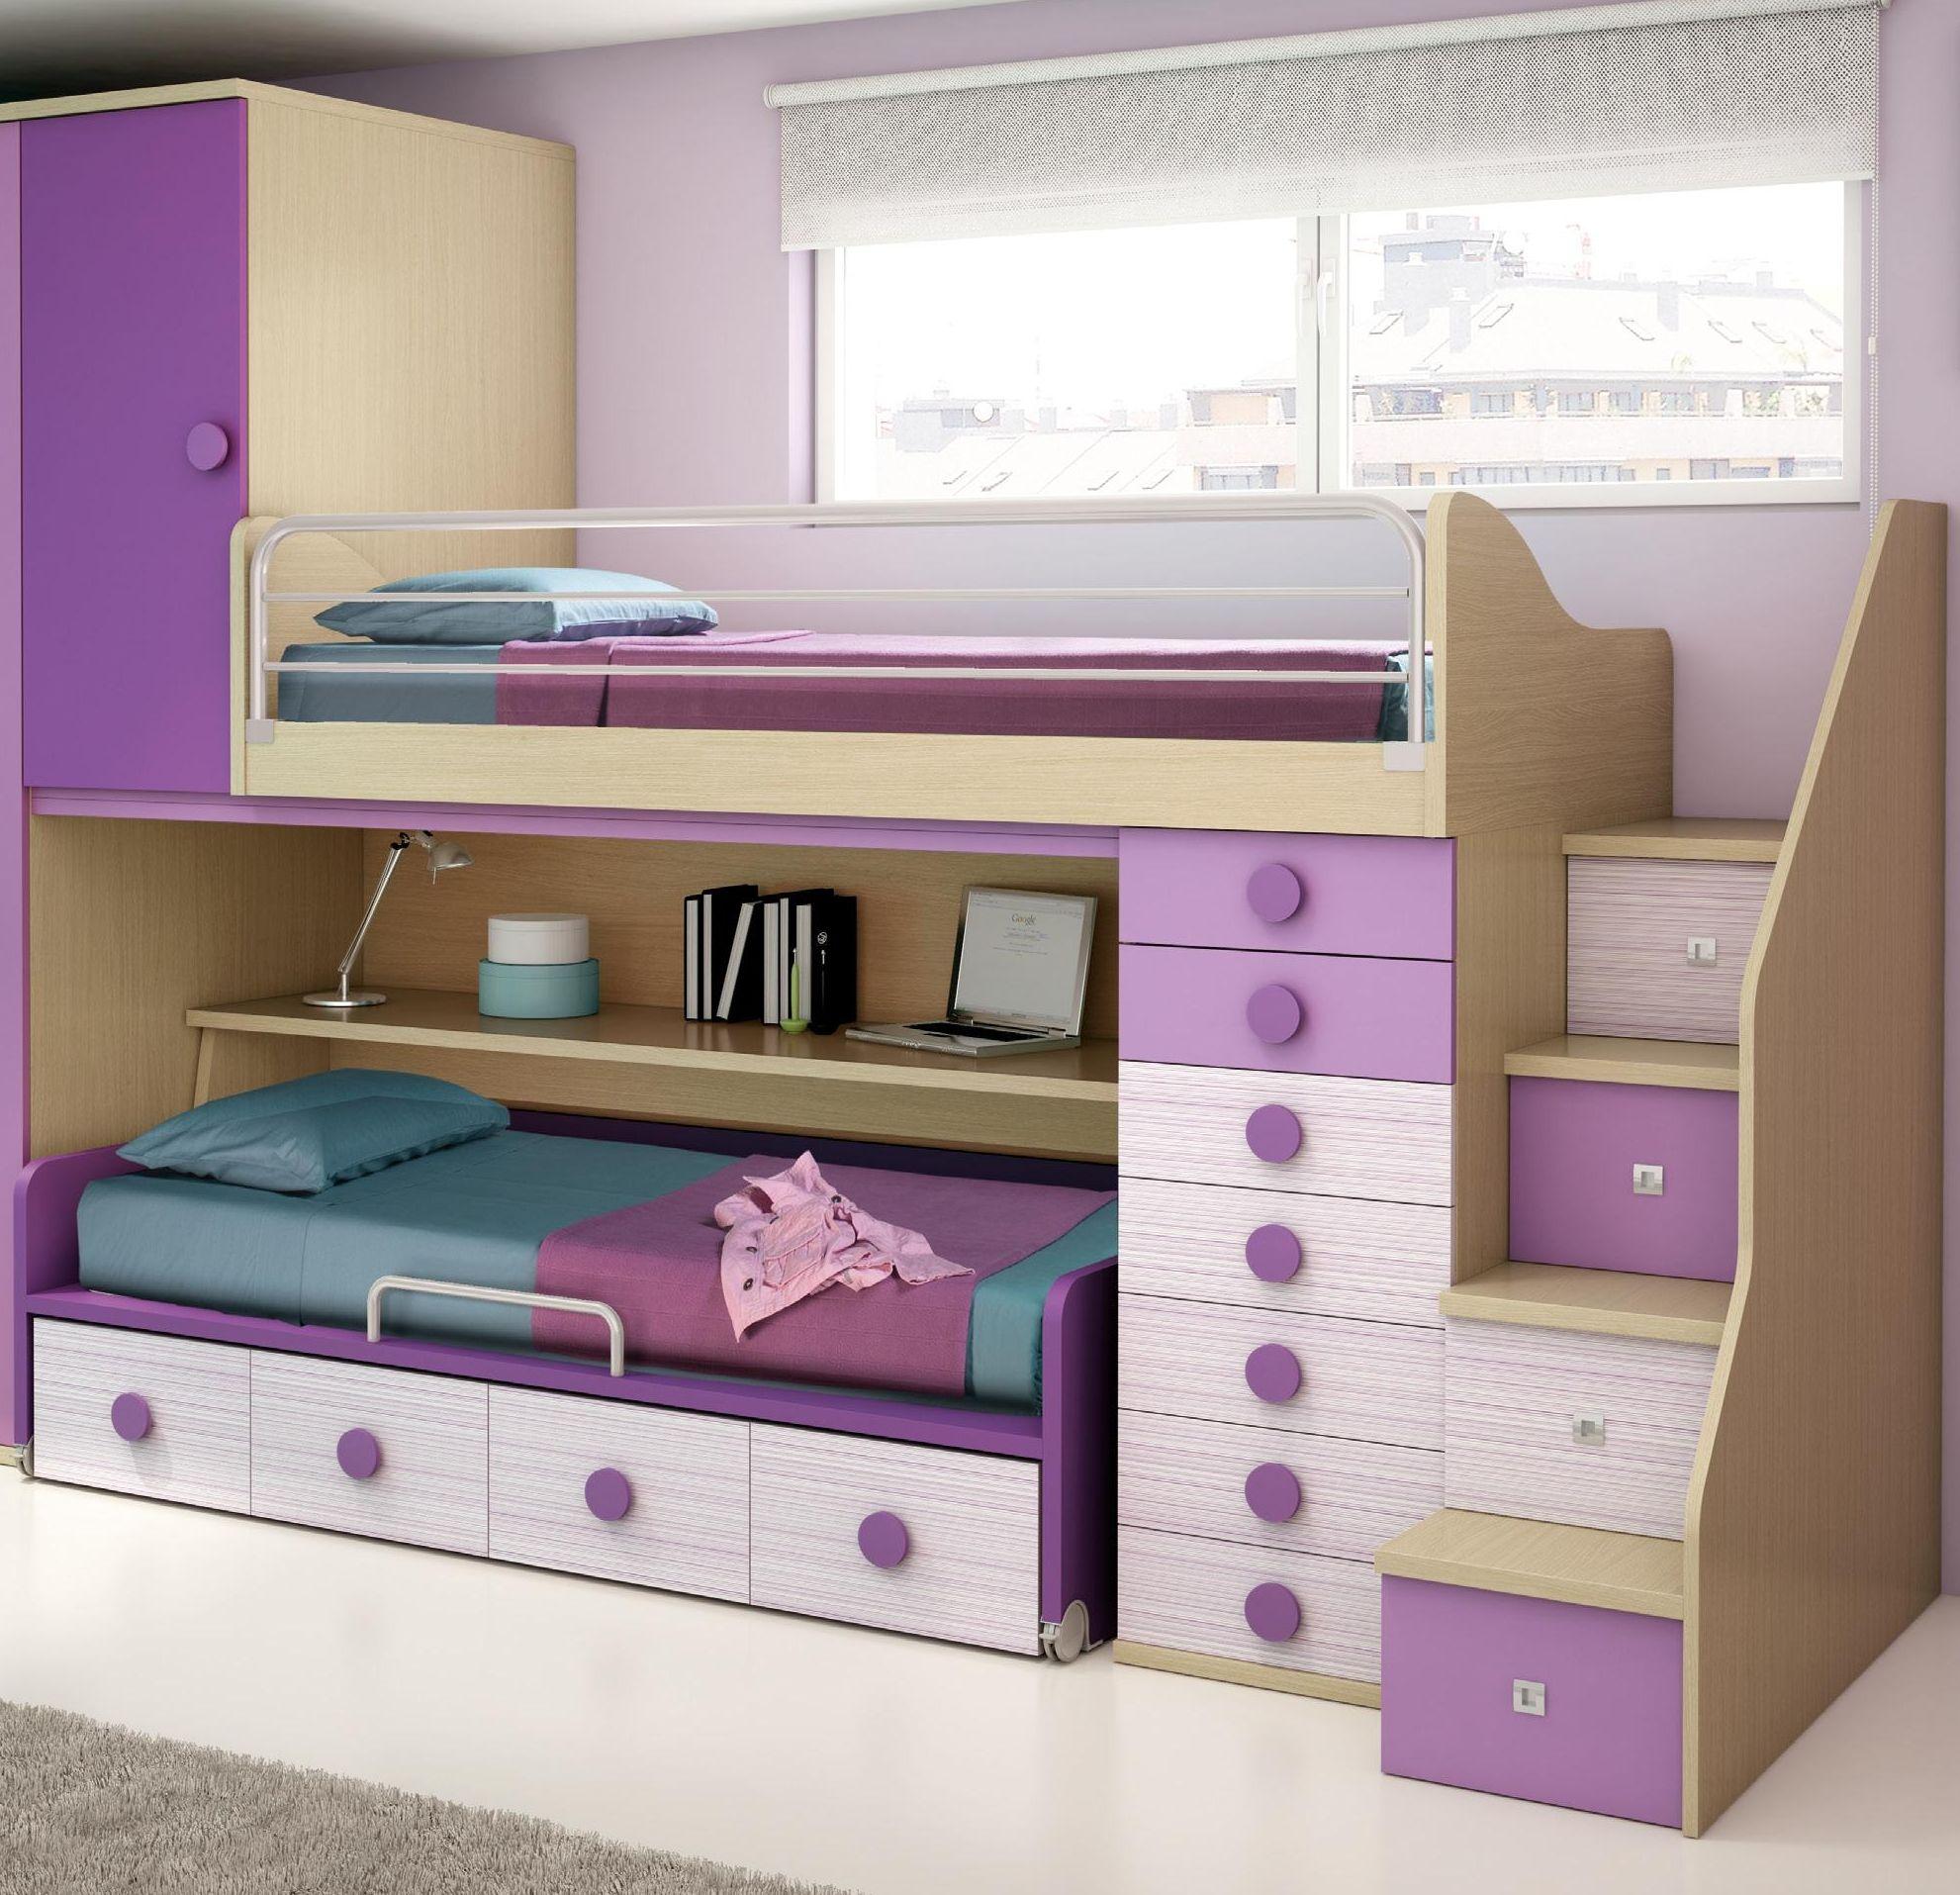 Literas con mesa 1051 bedrooms room and kids rooms - Literas con escritorio debajo ...